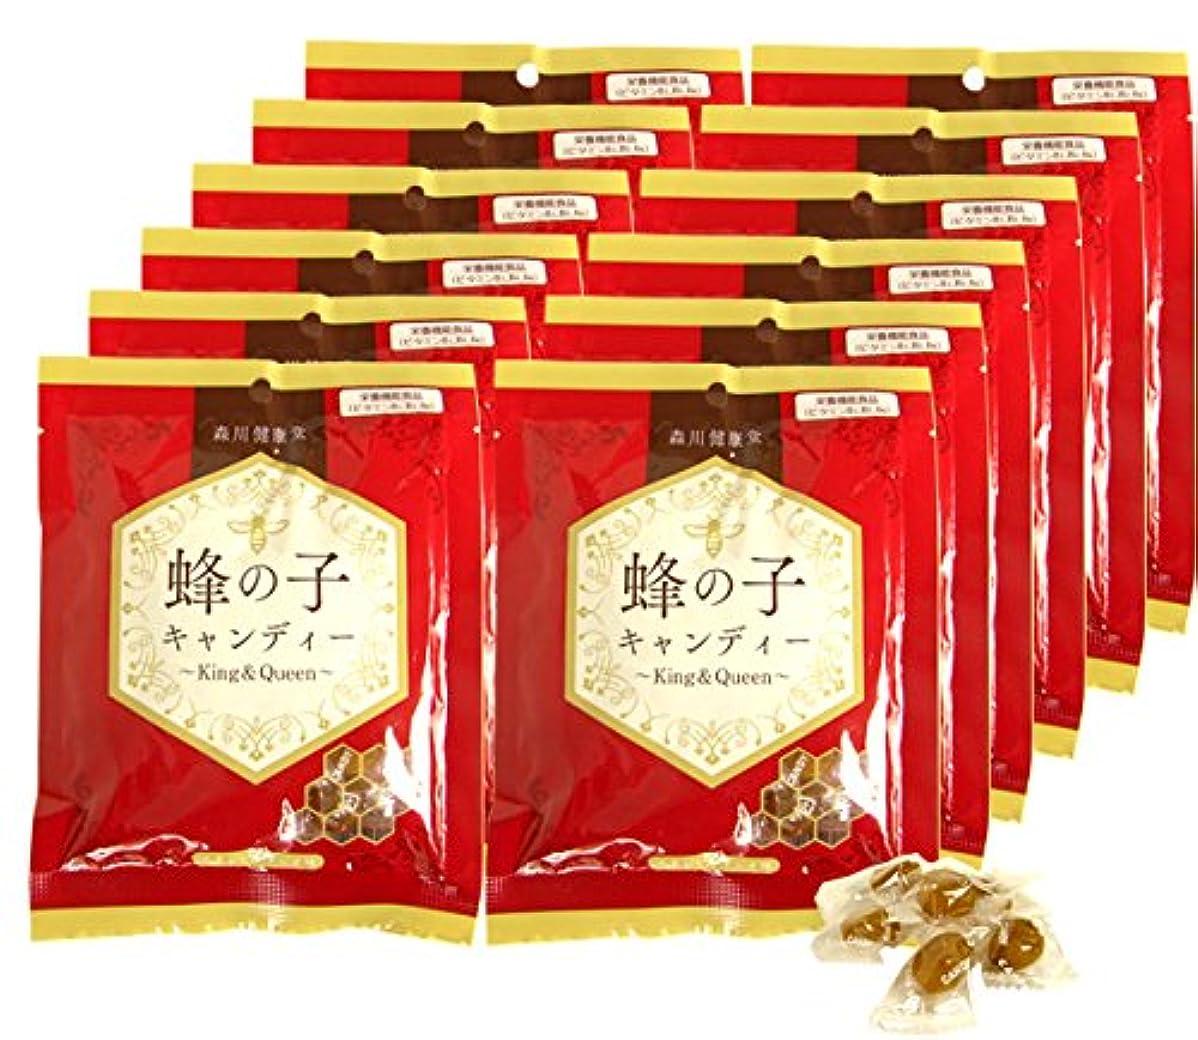 白菜打撃トレイ森川健康堂 蜂の子キャンディー 70g (70g×12個)